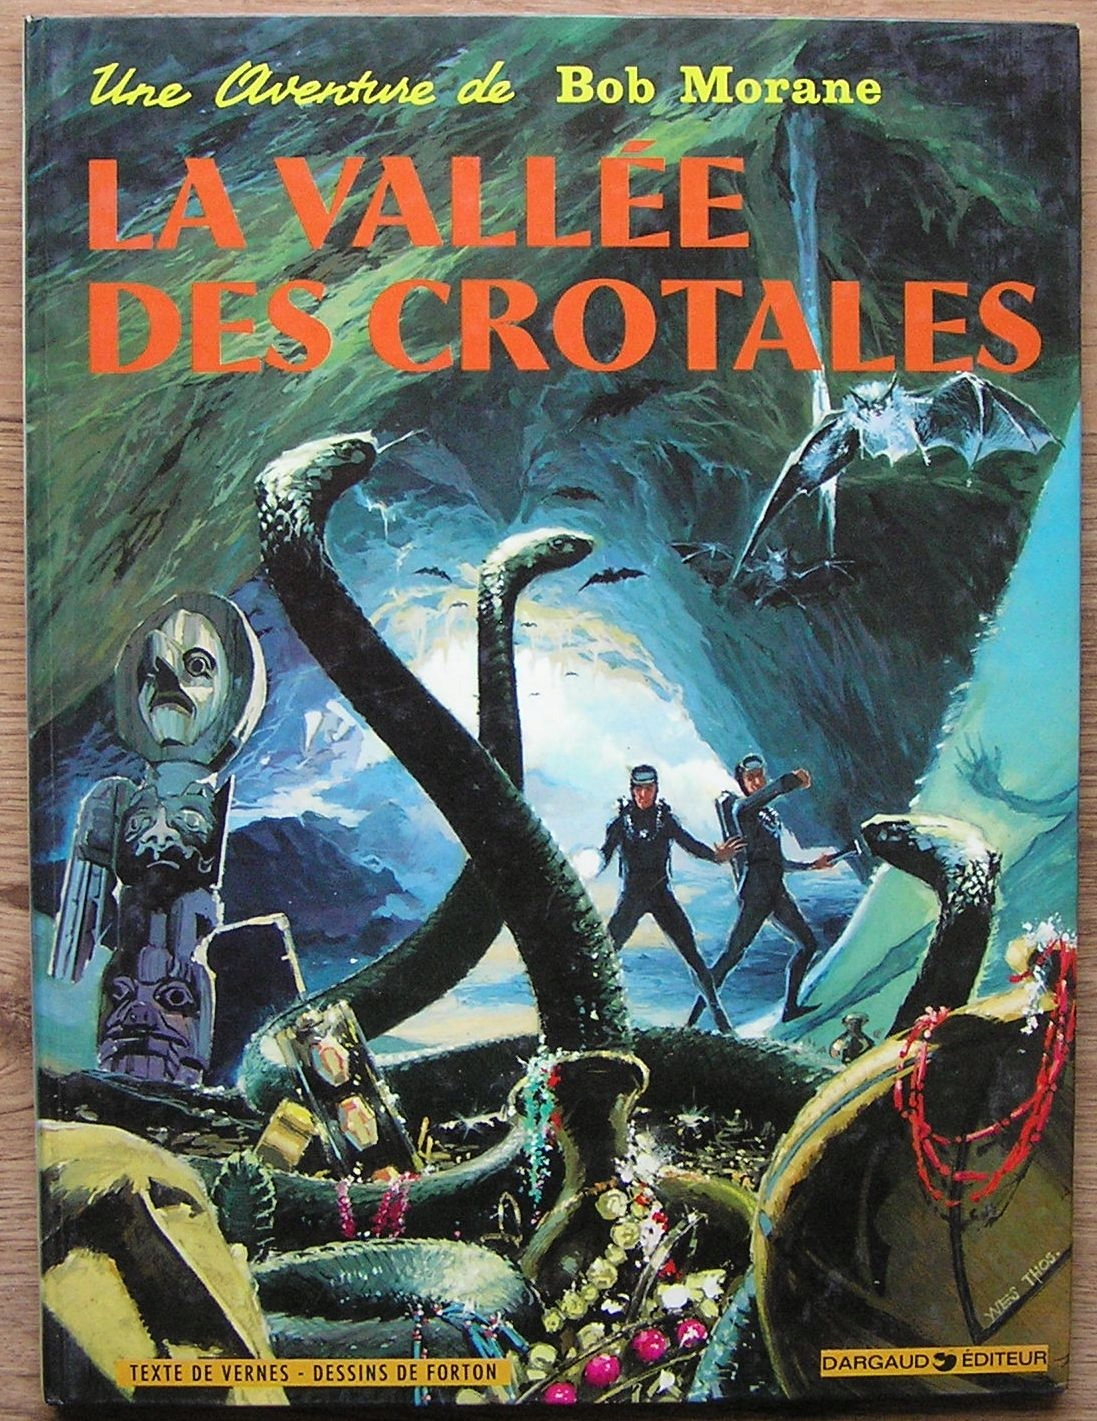 BOB MORANE LA VALLEE DES CROTALES 1975